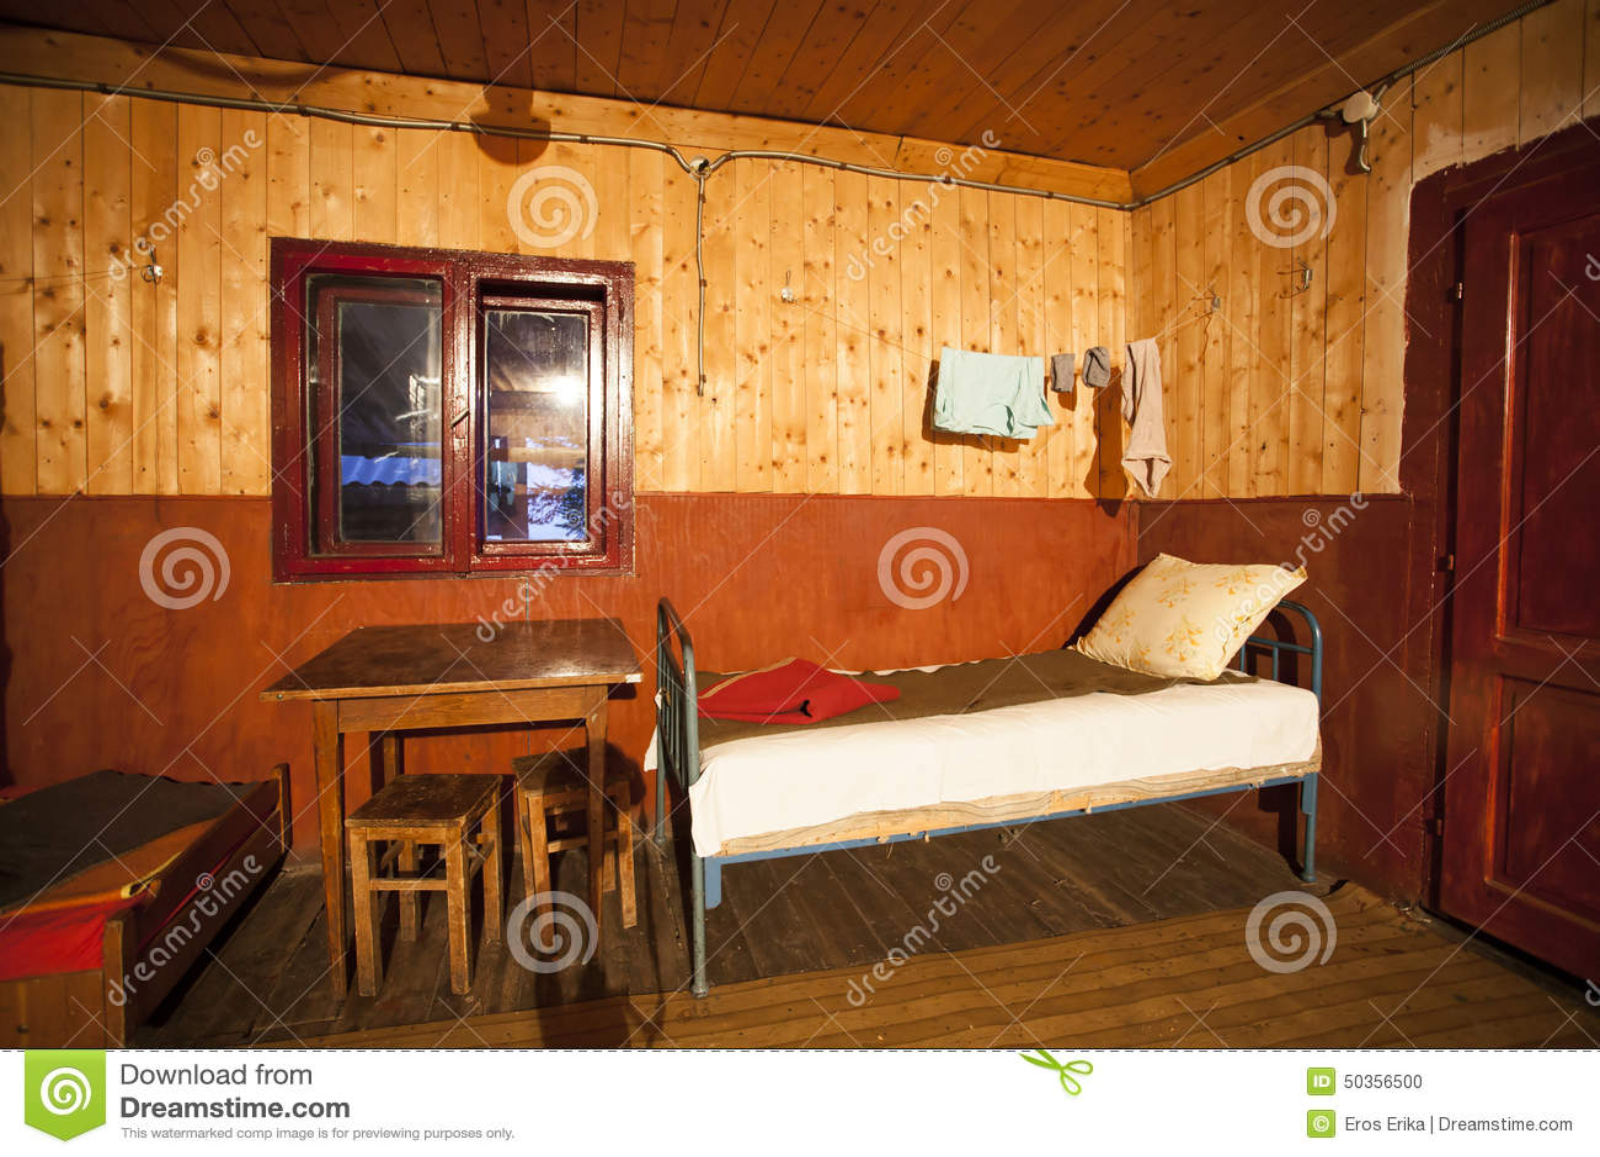 Int rieur d 39 une maison pauvre photo stock image 50356500 - Interieur d une maison ...